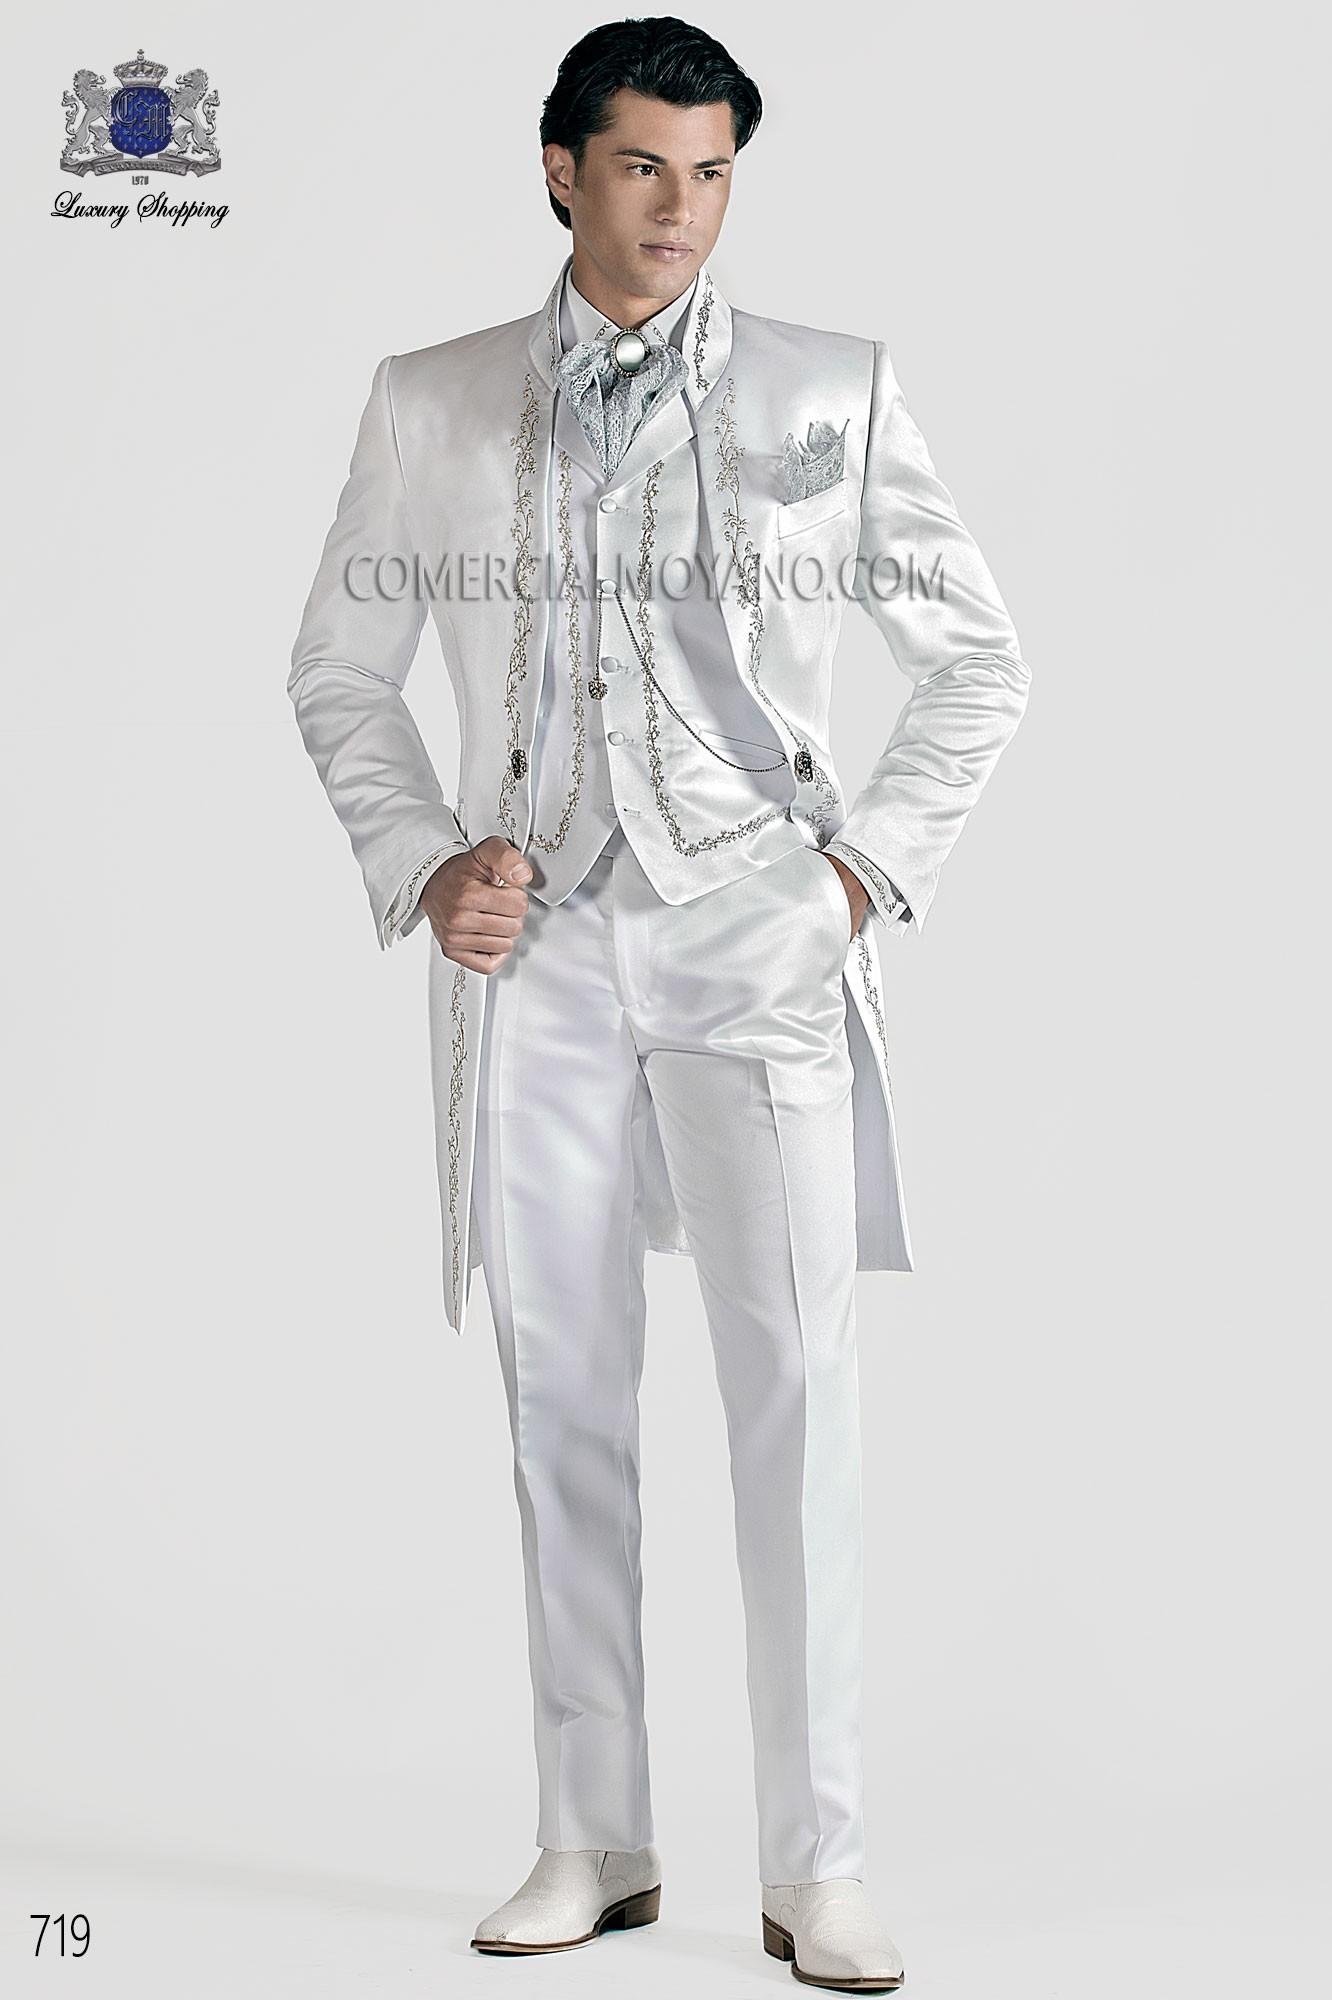 Traje de novio barroco blanco modelo: 719 Ottavio Nuccio Gala colección Barroco